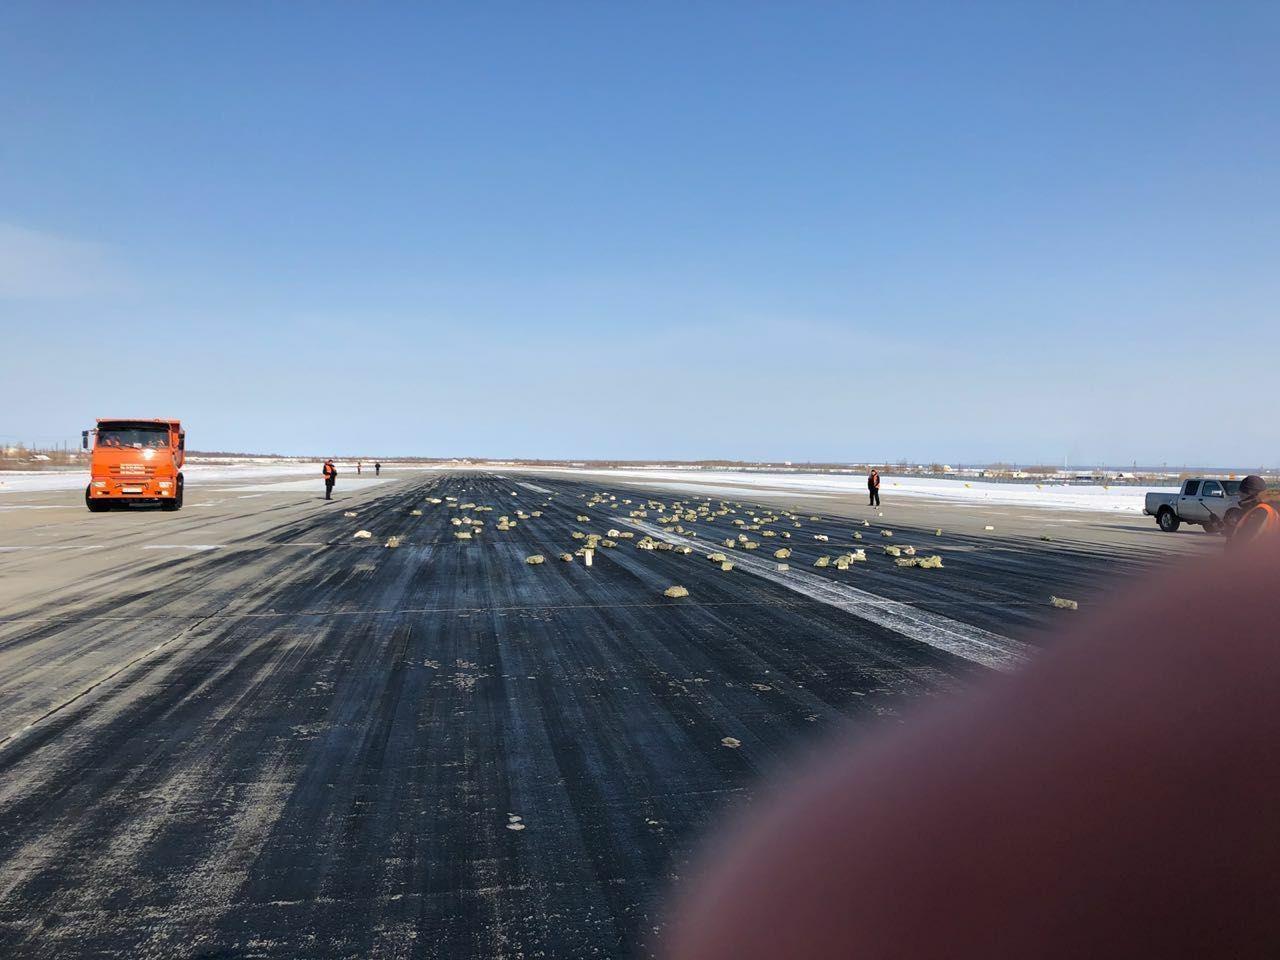 Из самолета высыпались тонны золота на миллиарды рублей